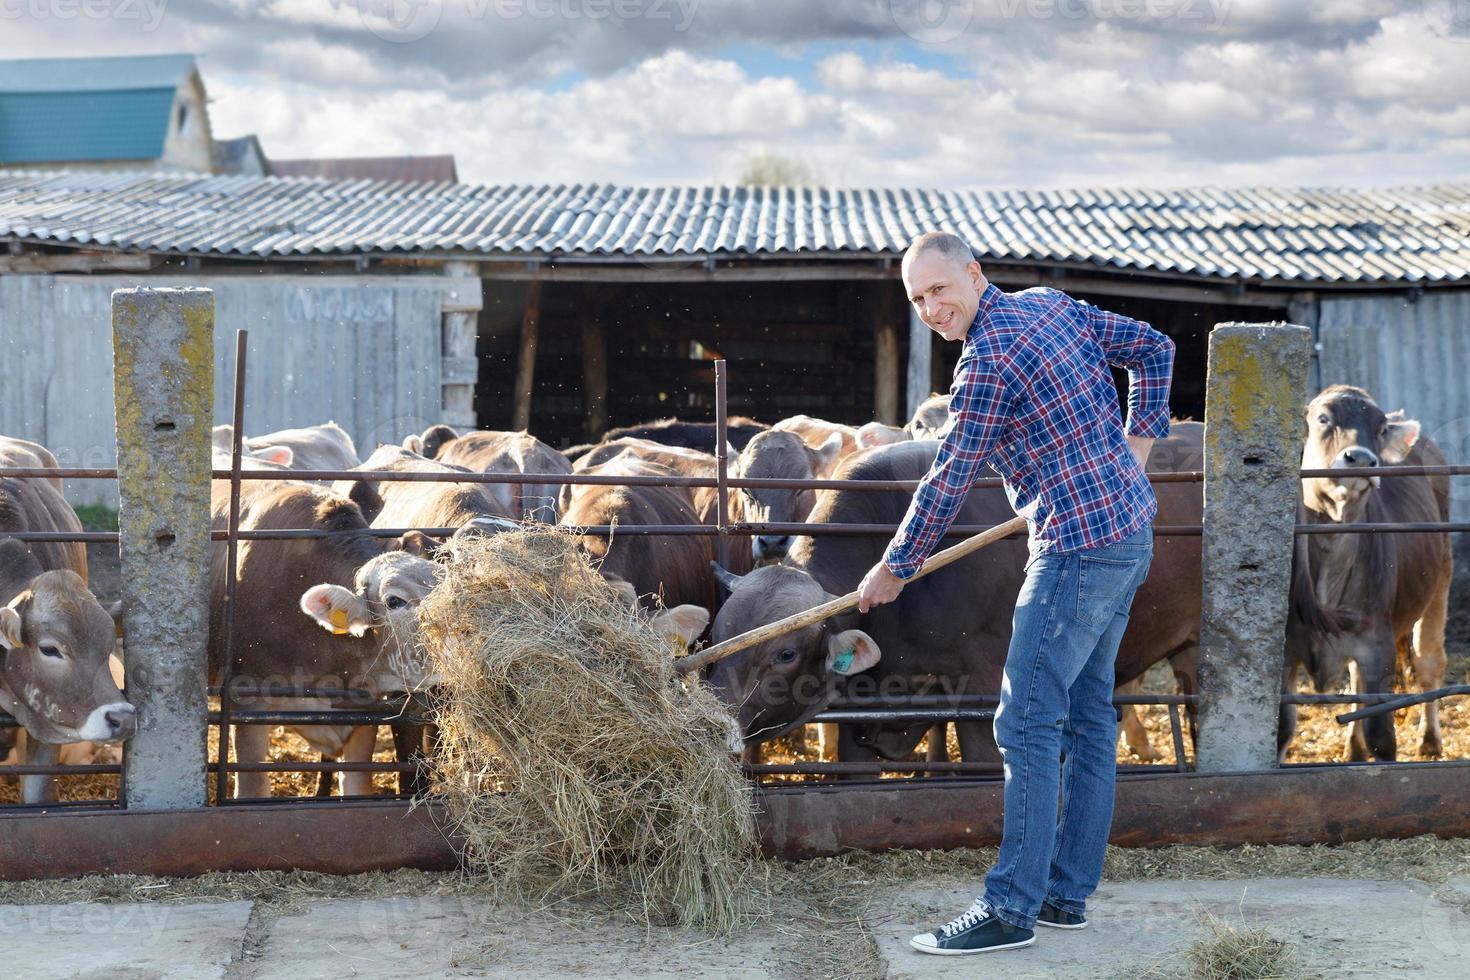 männlicher Rancher in einer Farm foto